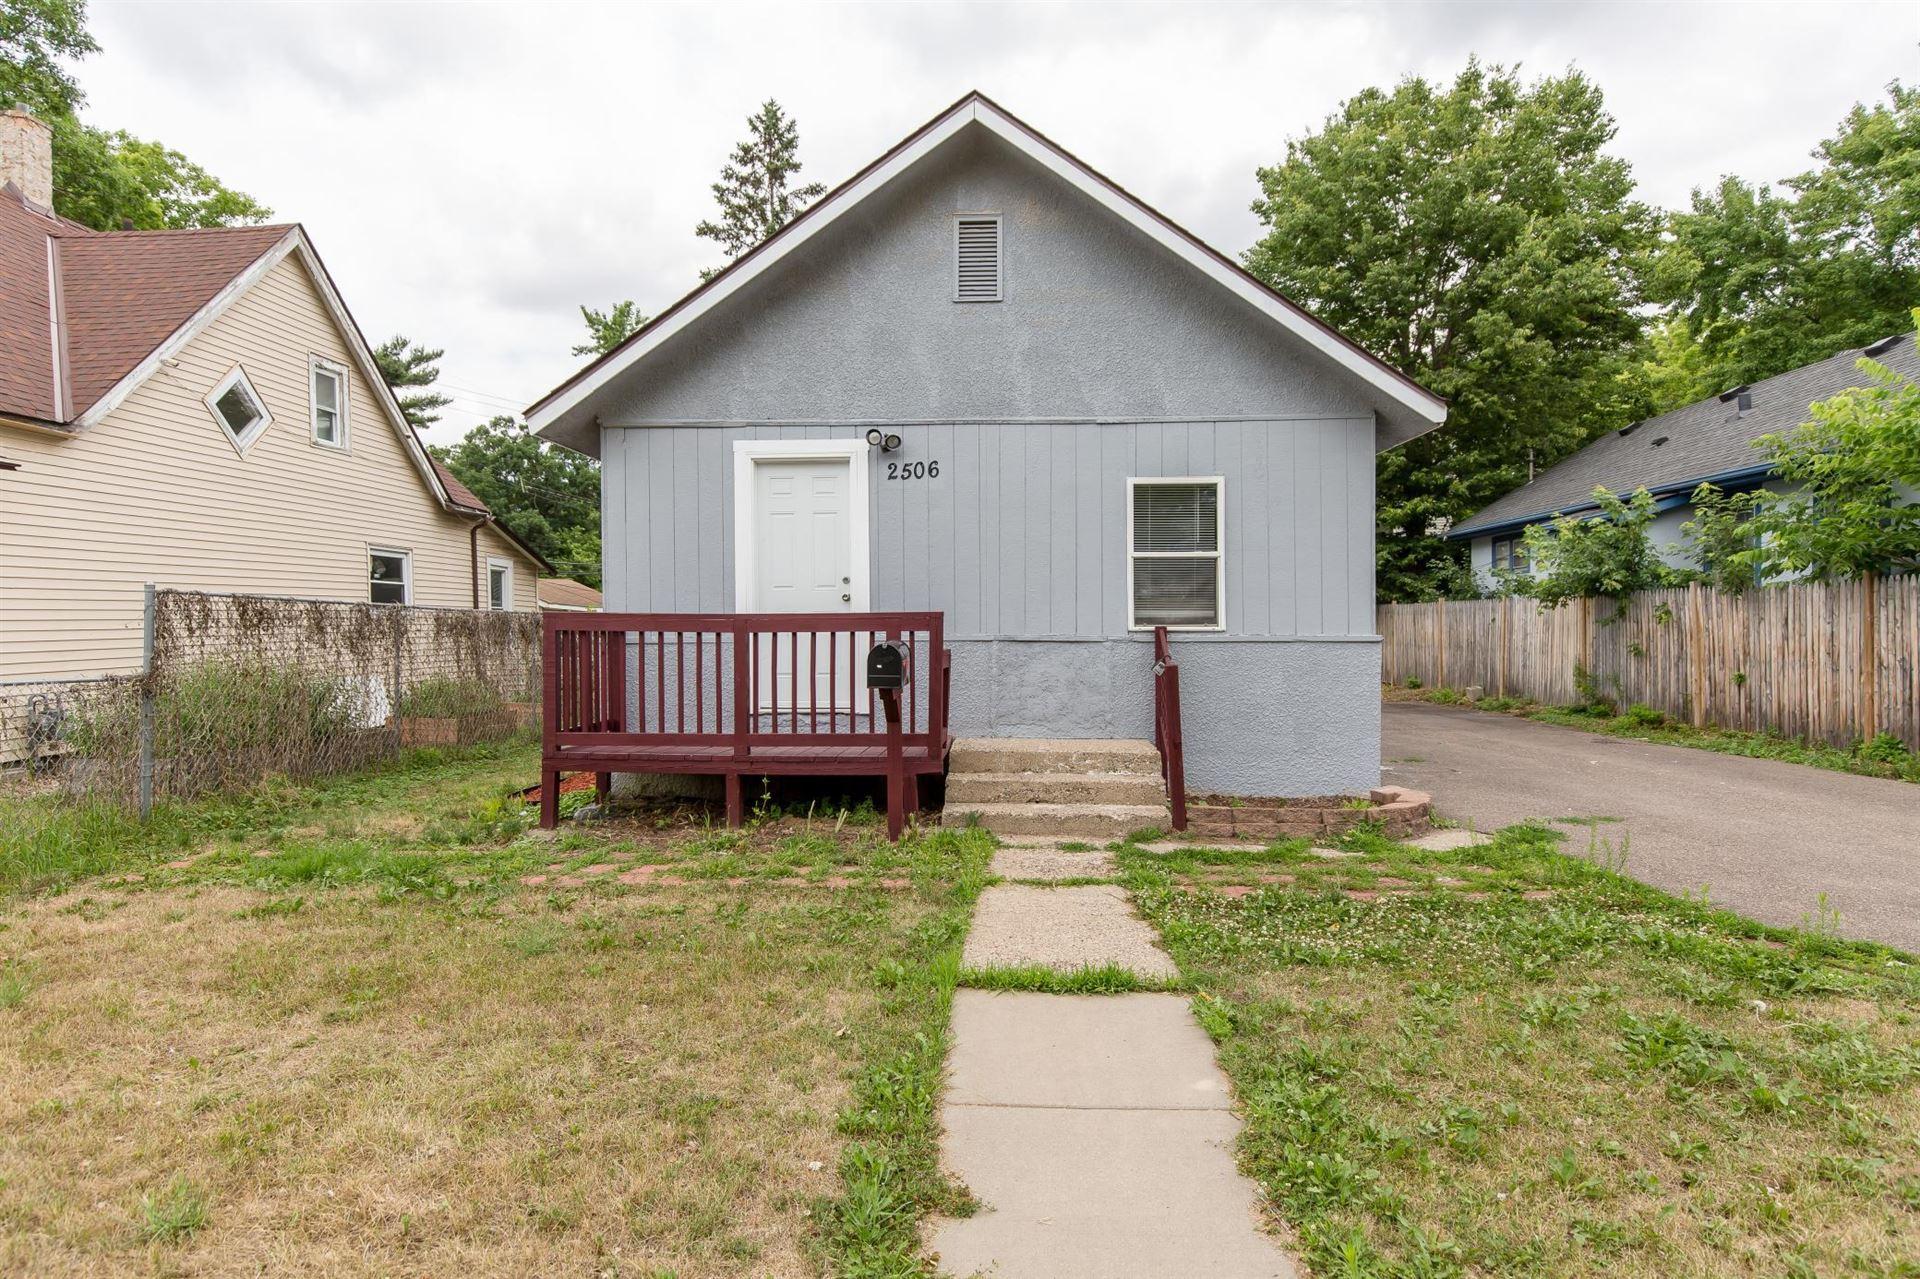 2506 Lowry Avenue N, Minneapolis, MN 55411 - MLS#: 6022654